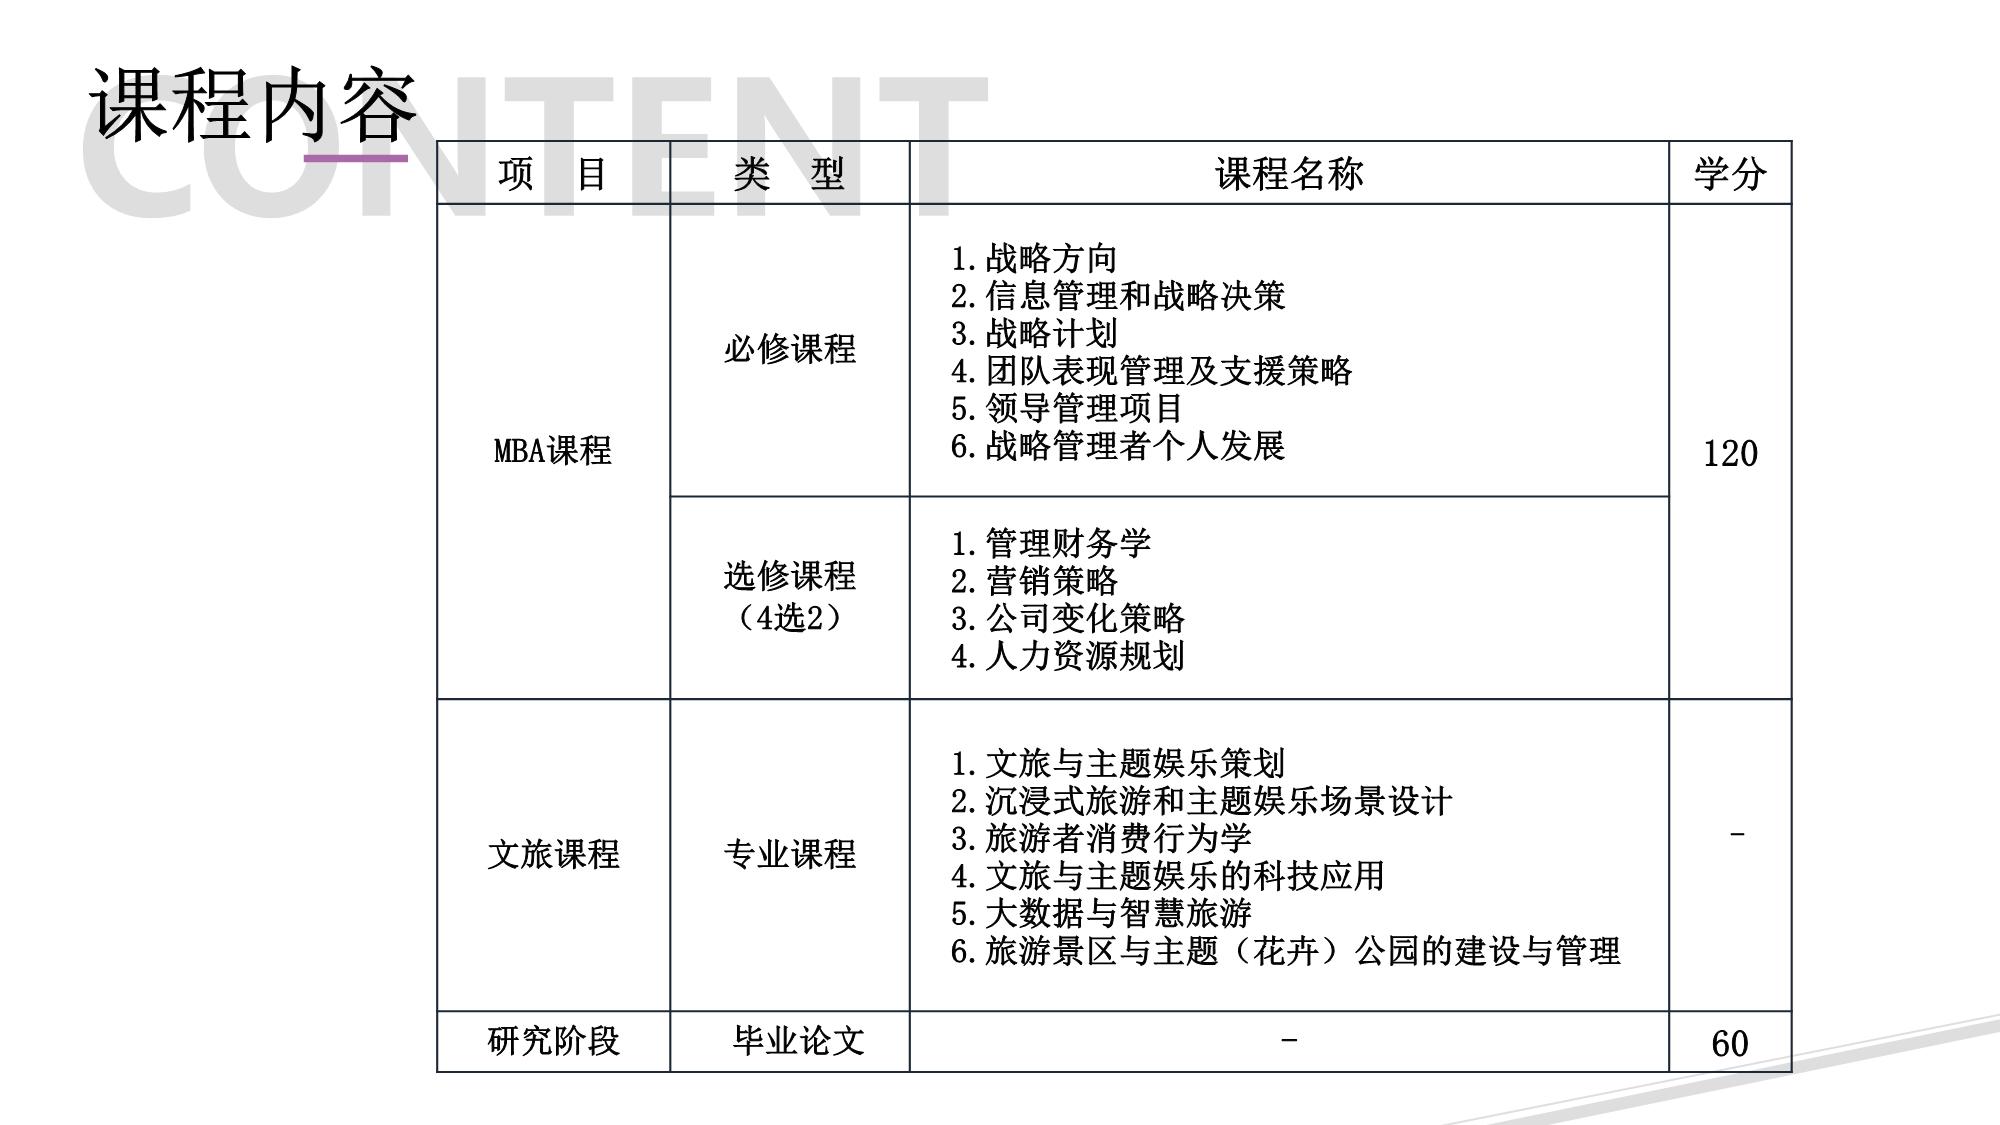 文旅与主题娱乐研究生四期班UWS学位(2020.6.17)(3)-7.png